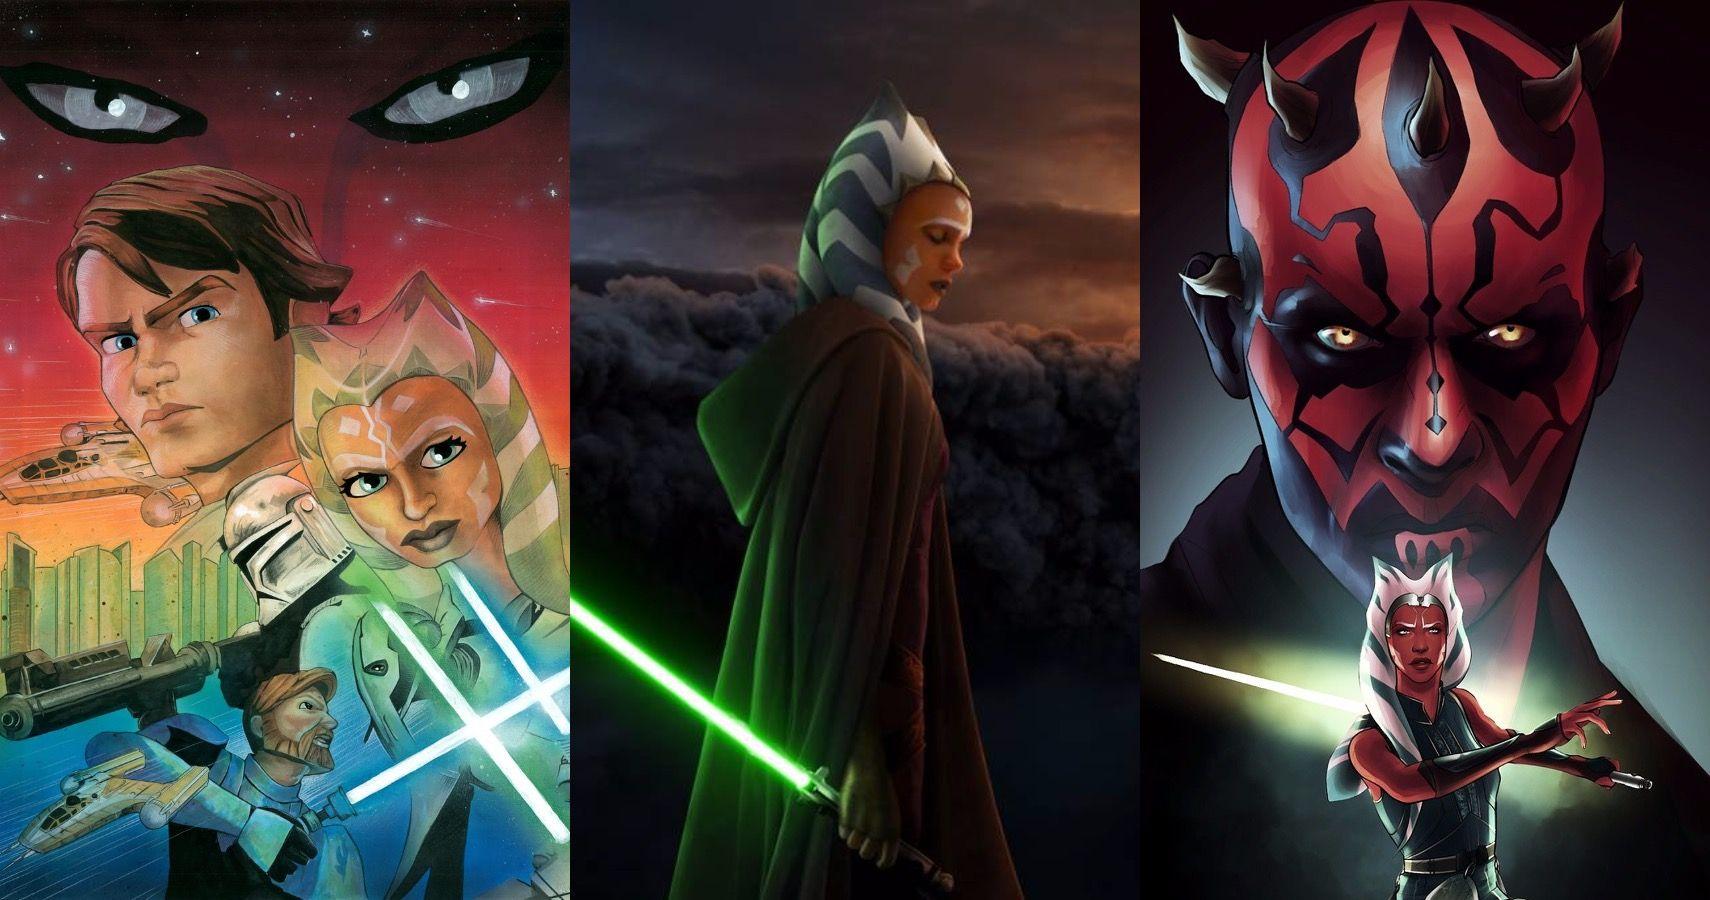 Bad Star Wars Fan Art